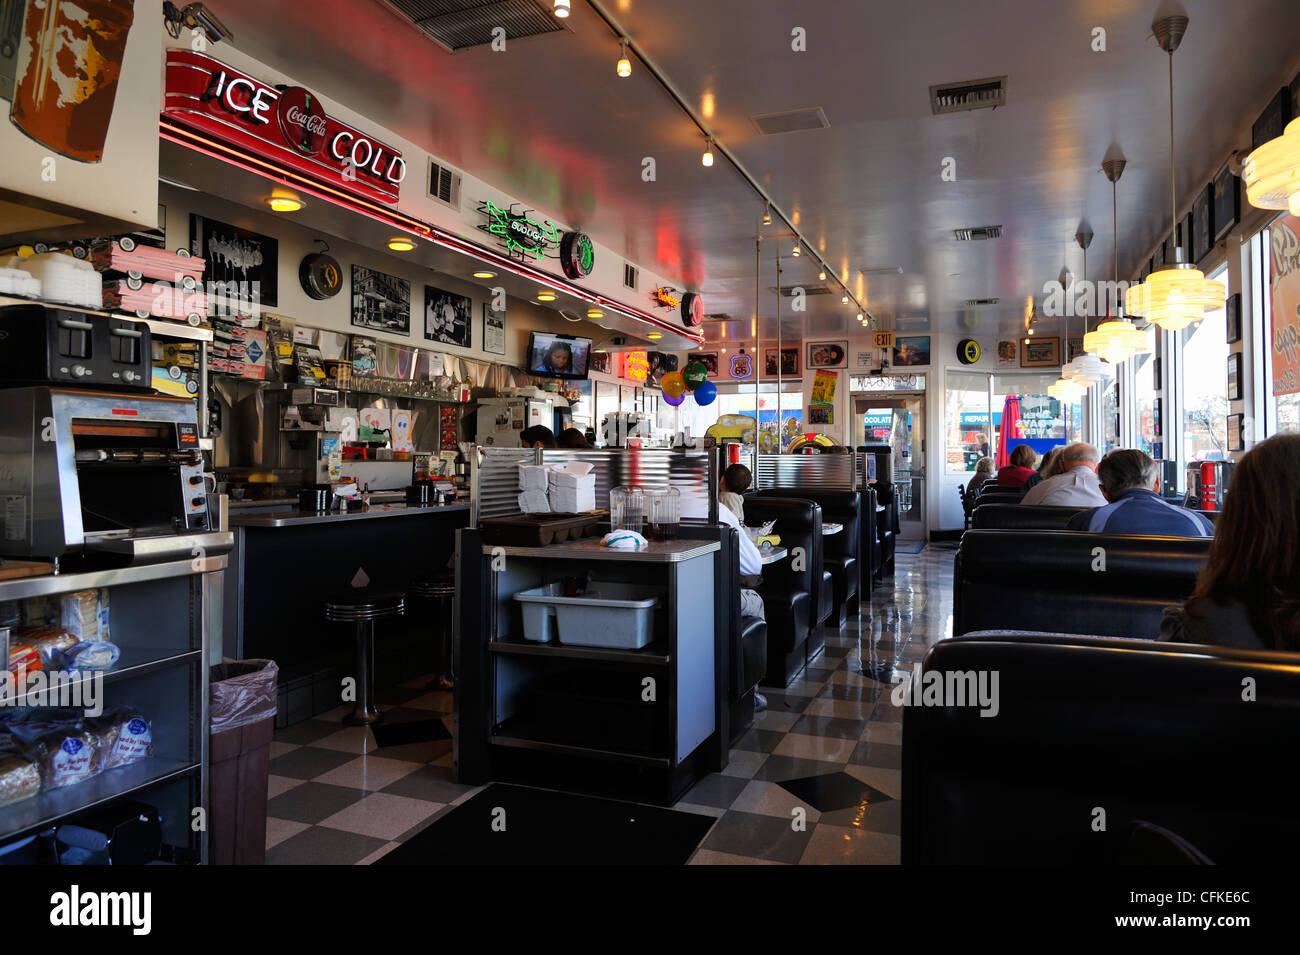 Mels Original Burger Restaurant Walnut Creek Ca Stock